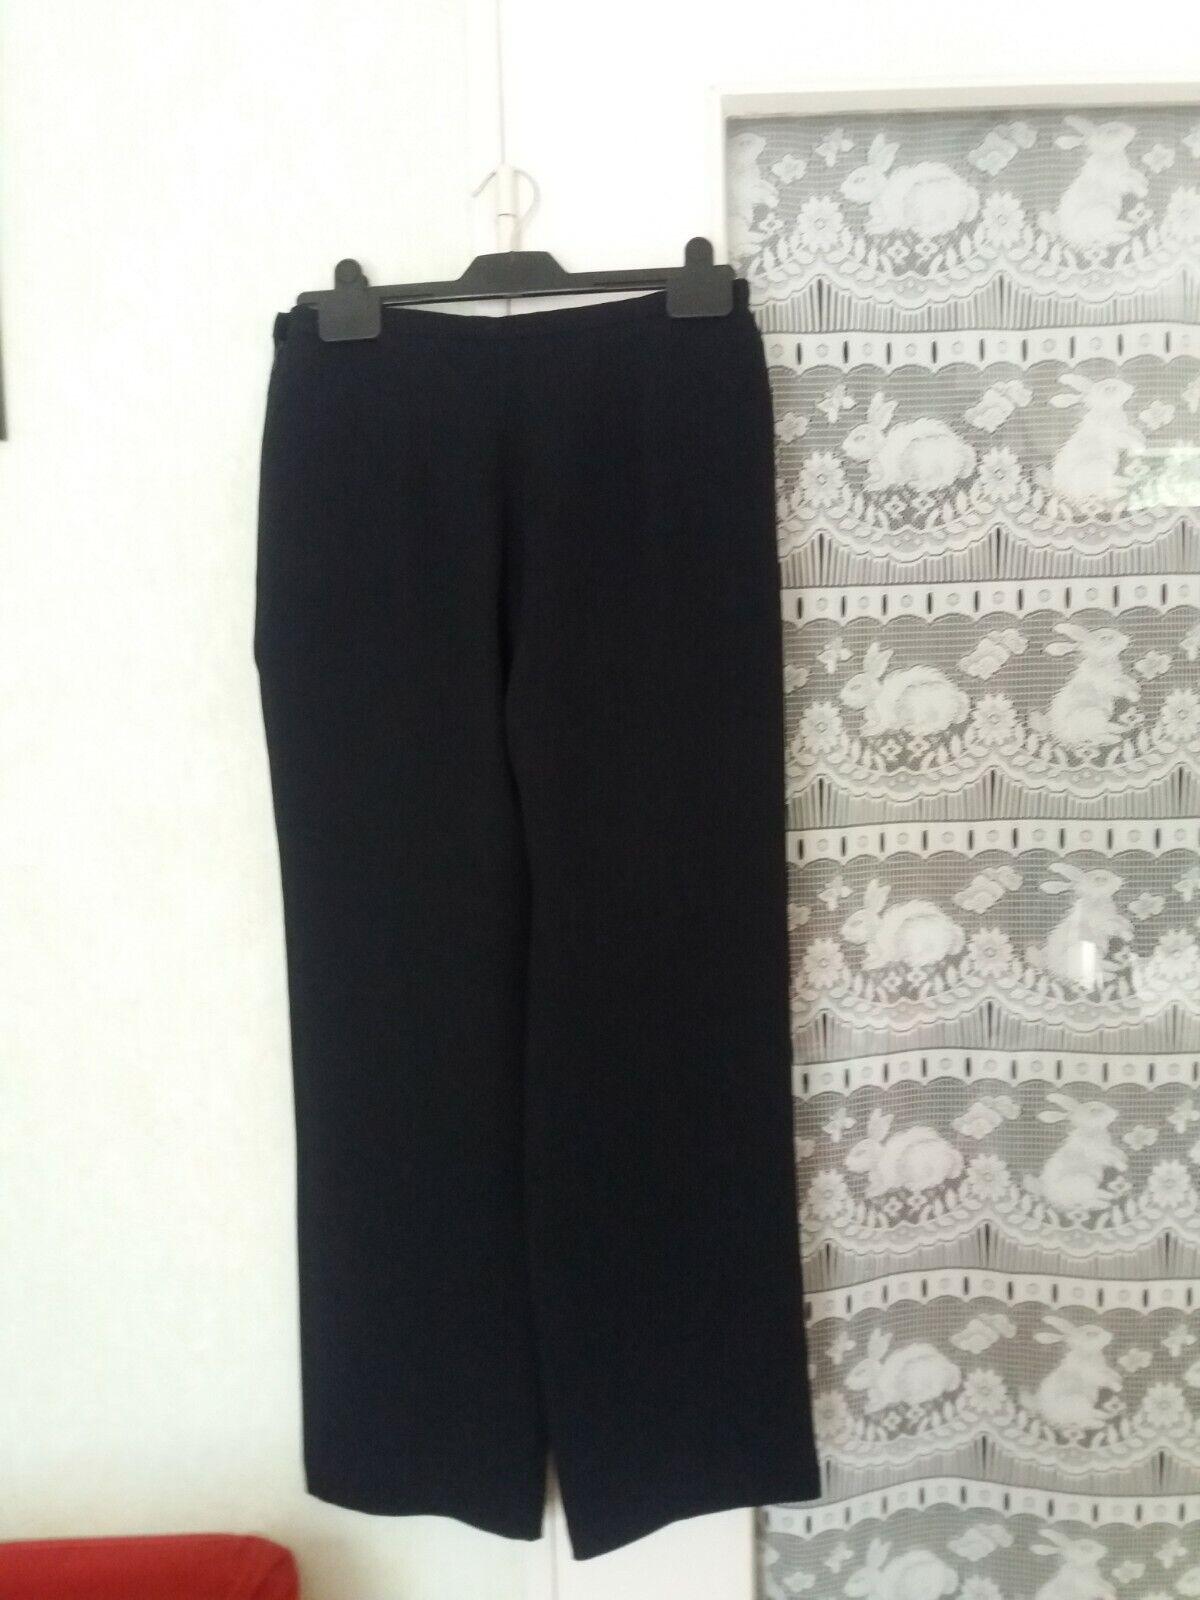 Pantalon femme maille fluide marque 123 coloris bleu foncé taille 38